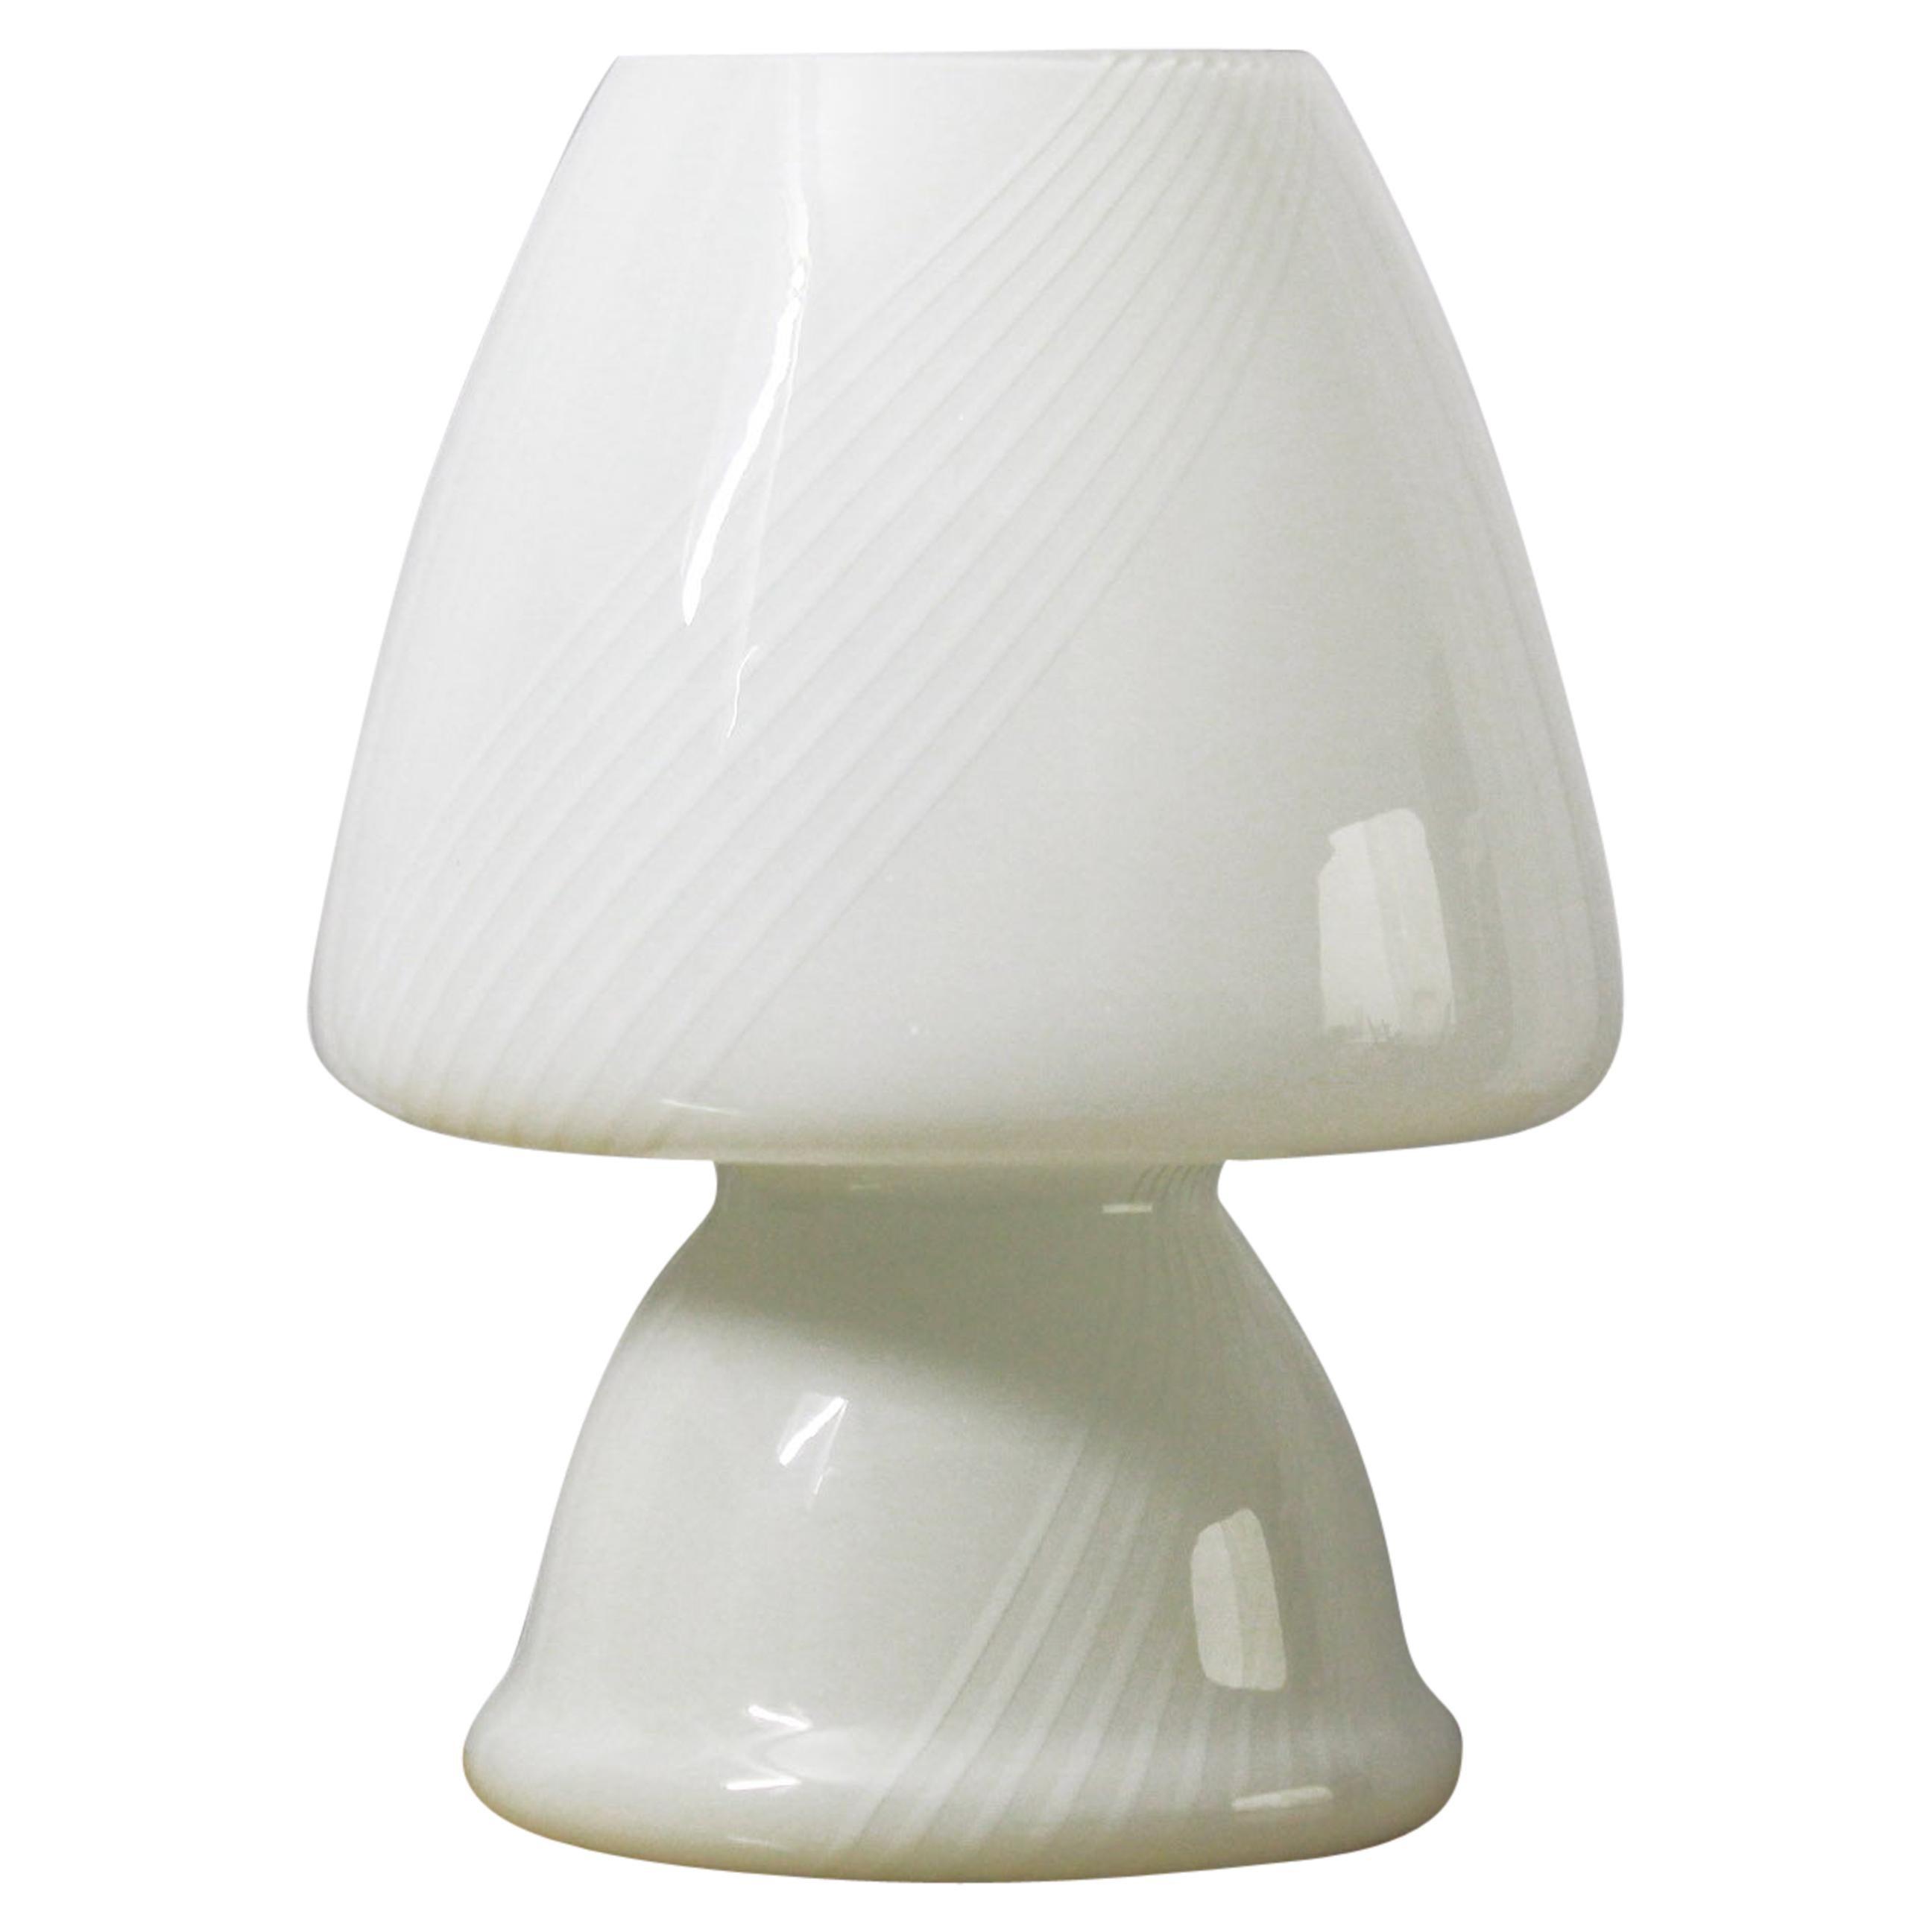 1960s Vintage Glass Mushroom Table Lamp, 1960s